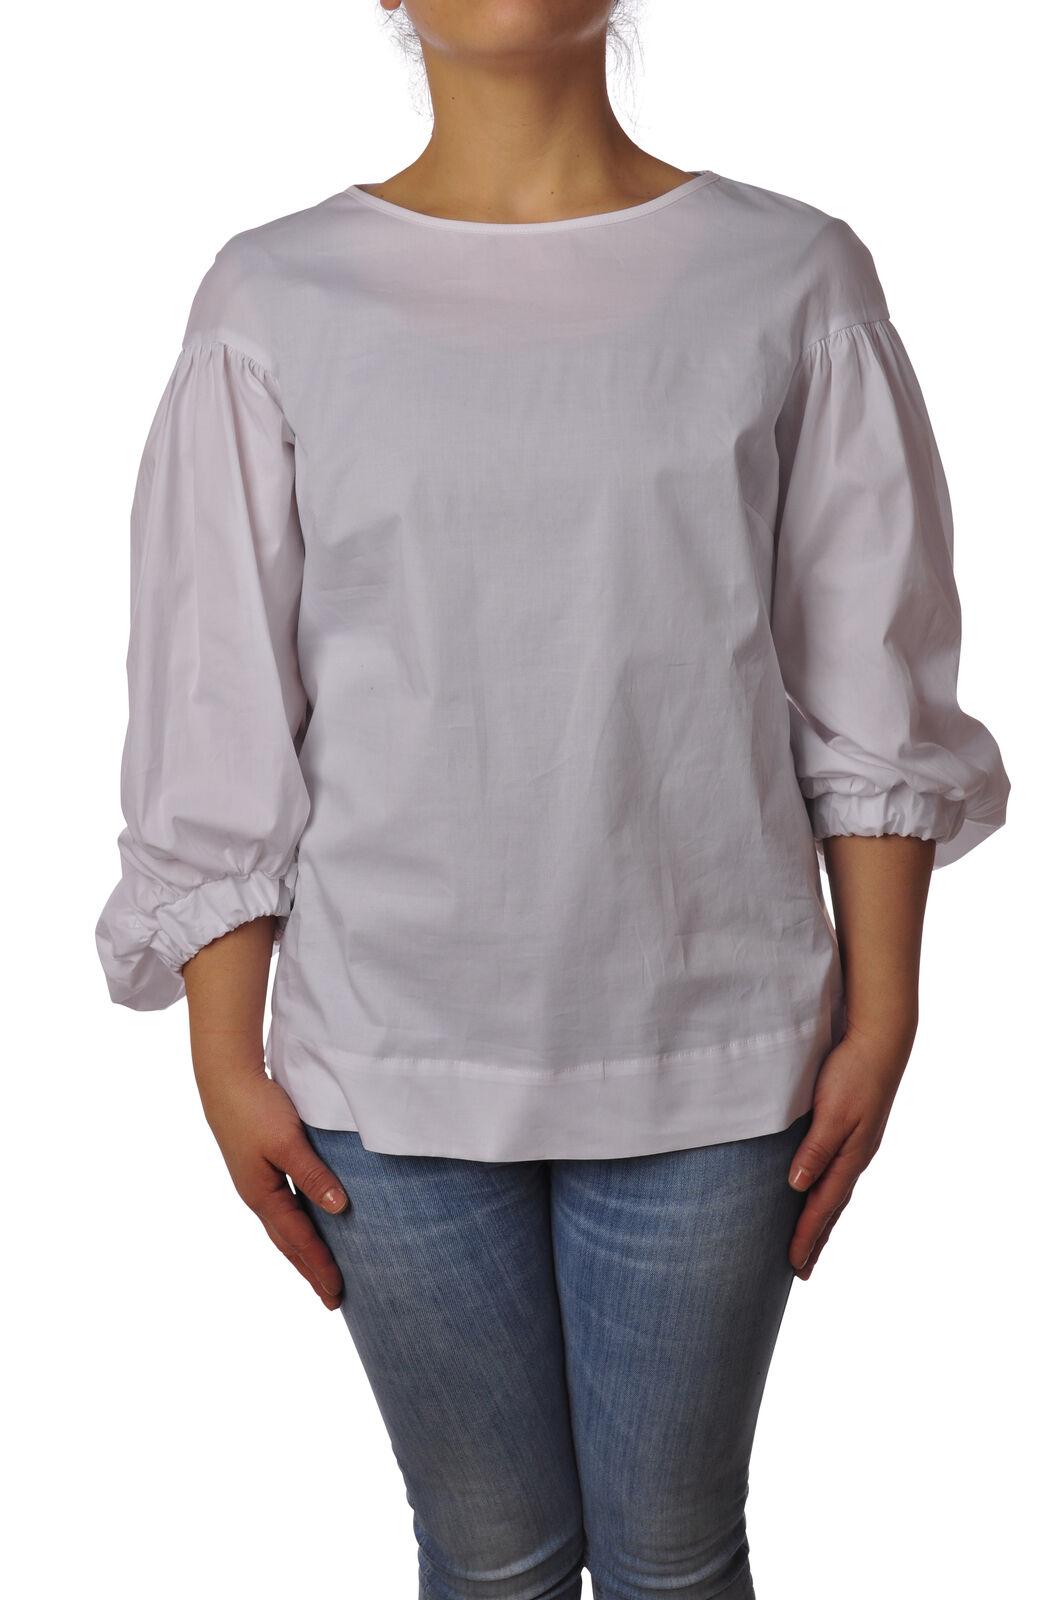 Ki 6 - Shirts-Shirt - Woman - Weiß - 5232702F183922